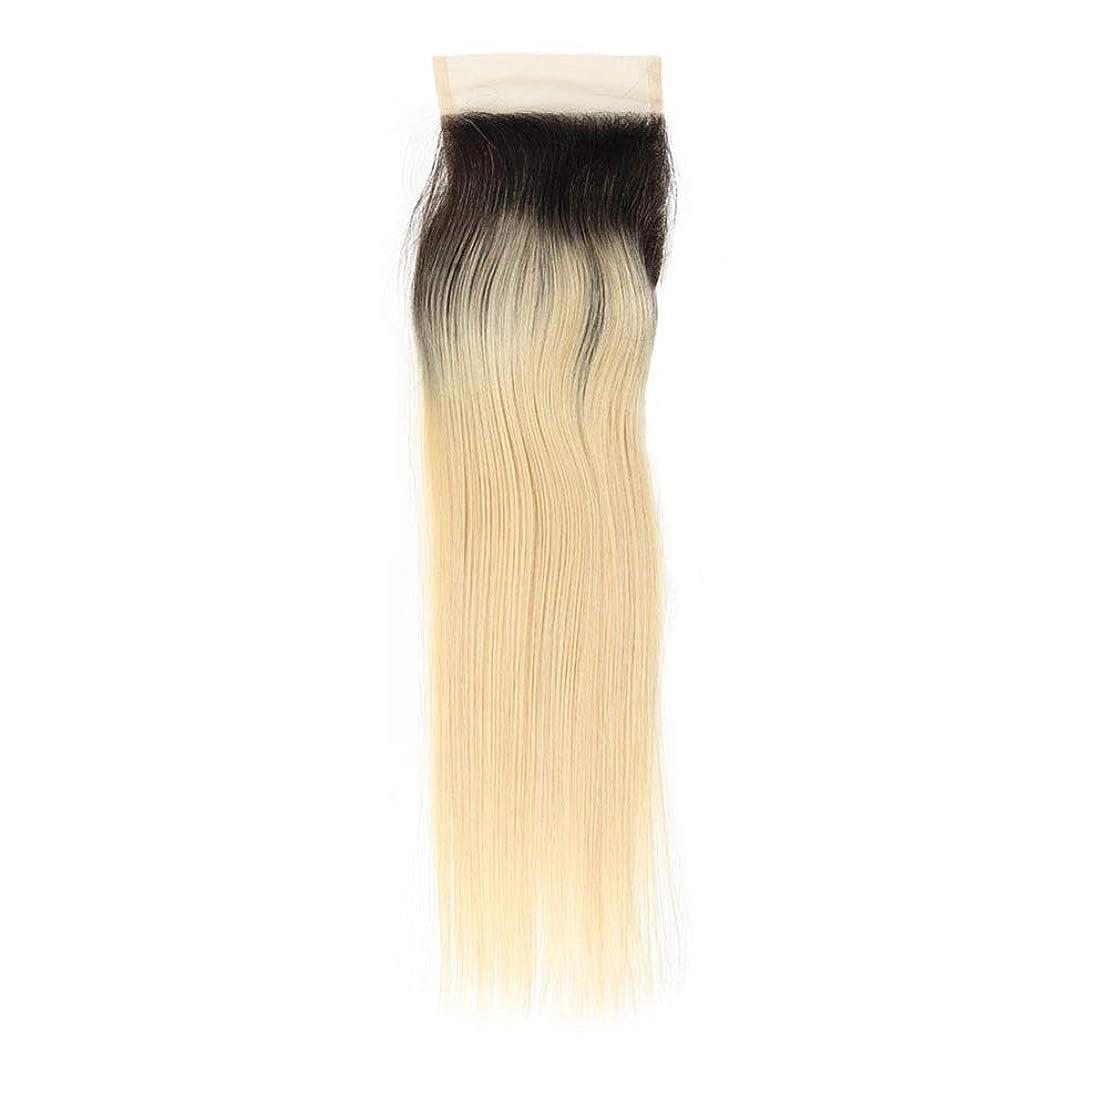 大洪水五十規模BOBIDYEE ブラジル髪ブロンド織り1B / 613#ストレート人毛エクステンション13X4フリーパーツレース前頭女性複合かつらレースかつらロールプレイングかつら (色 : Blonde, サイズ : 10 inch)